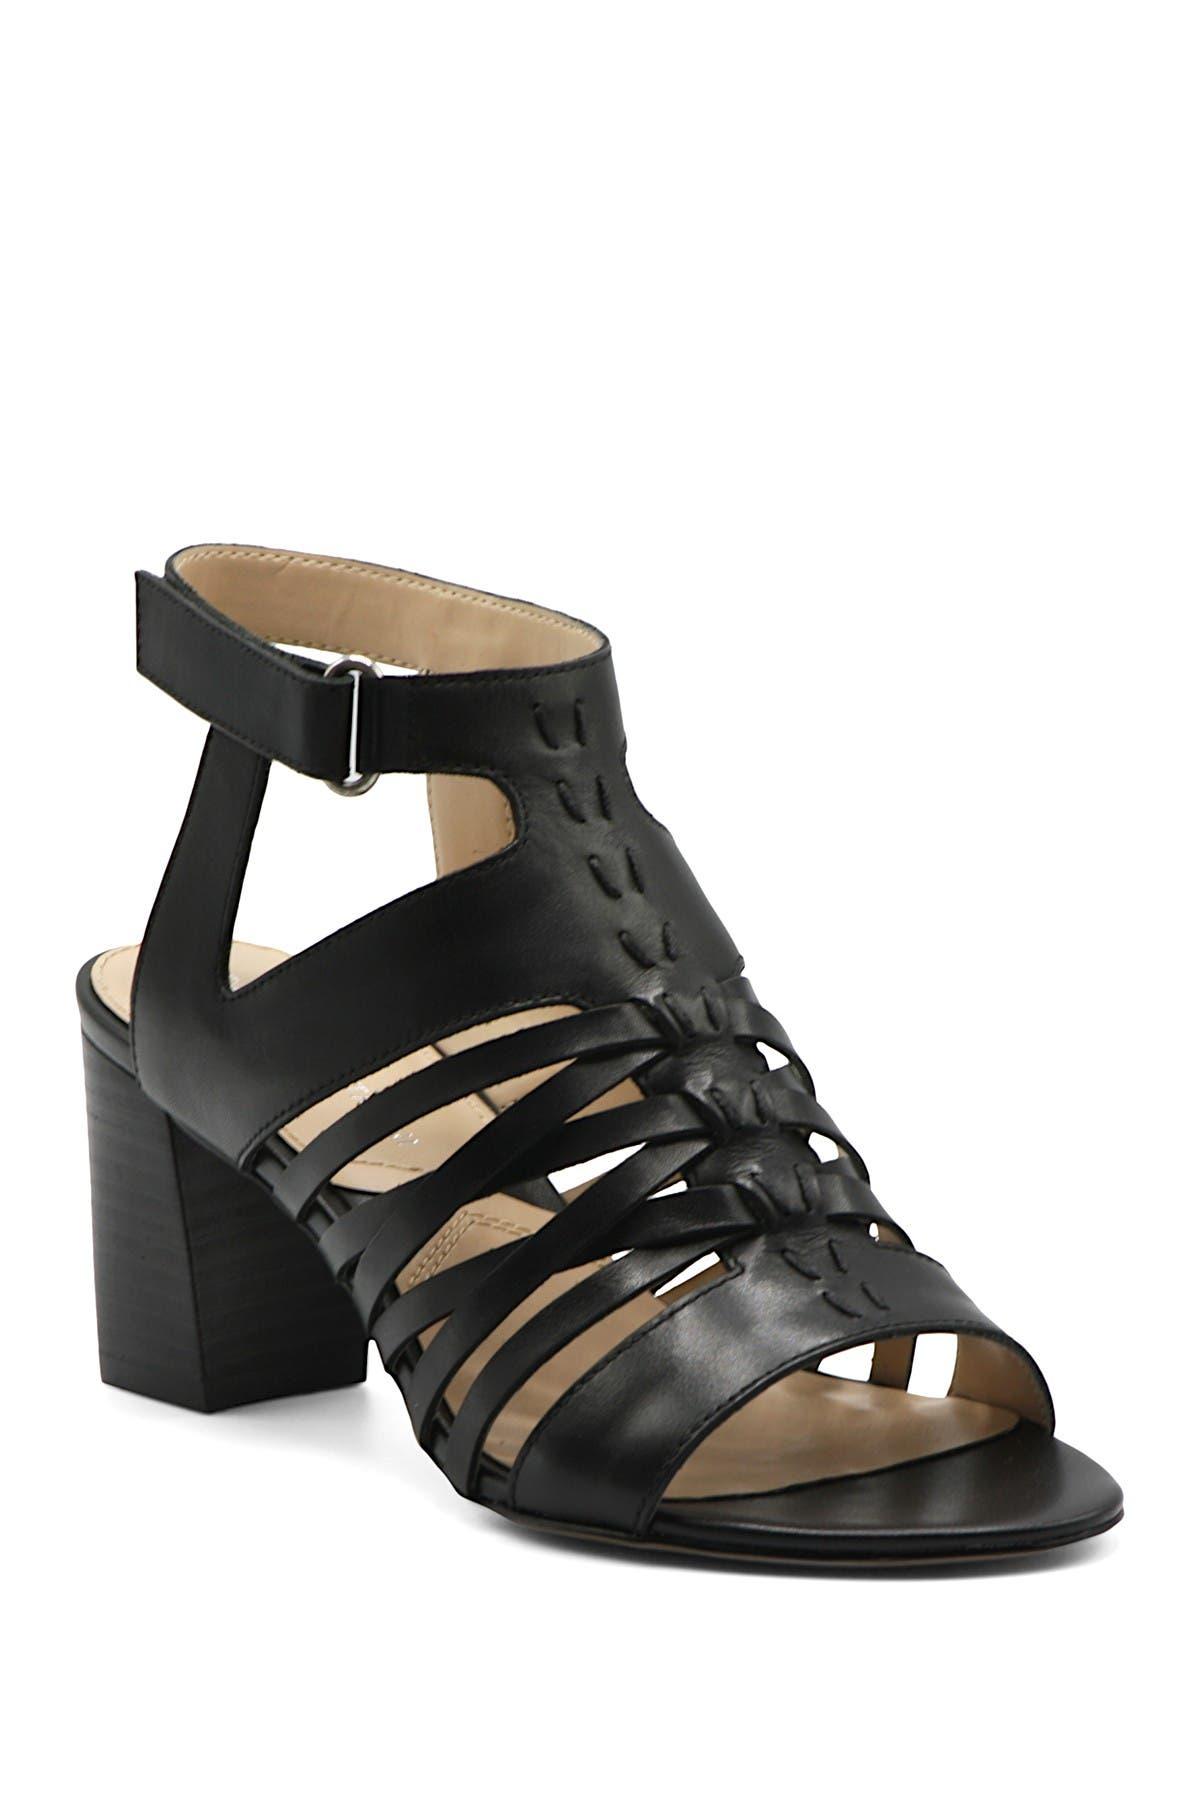 Image of Adrienne Vittadini Pense Caged Slingback Sandal